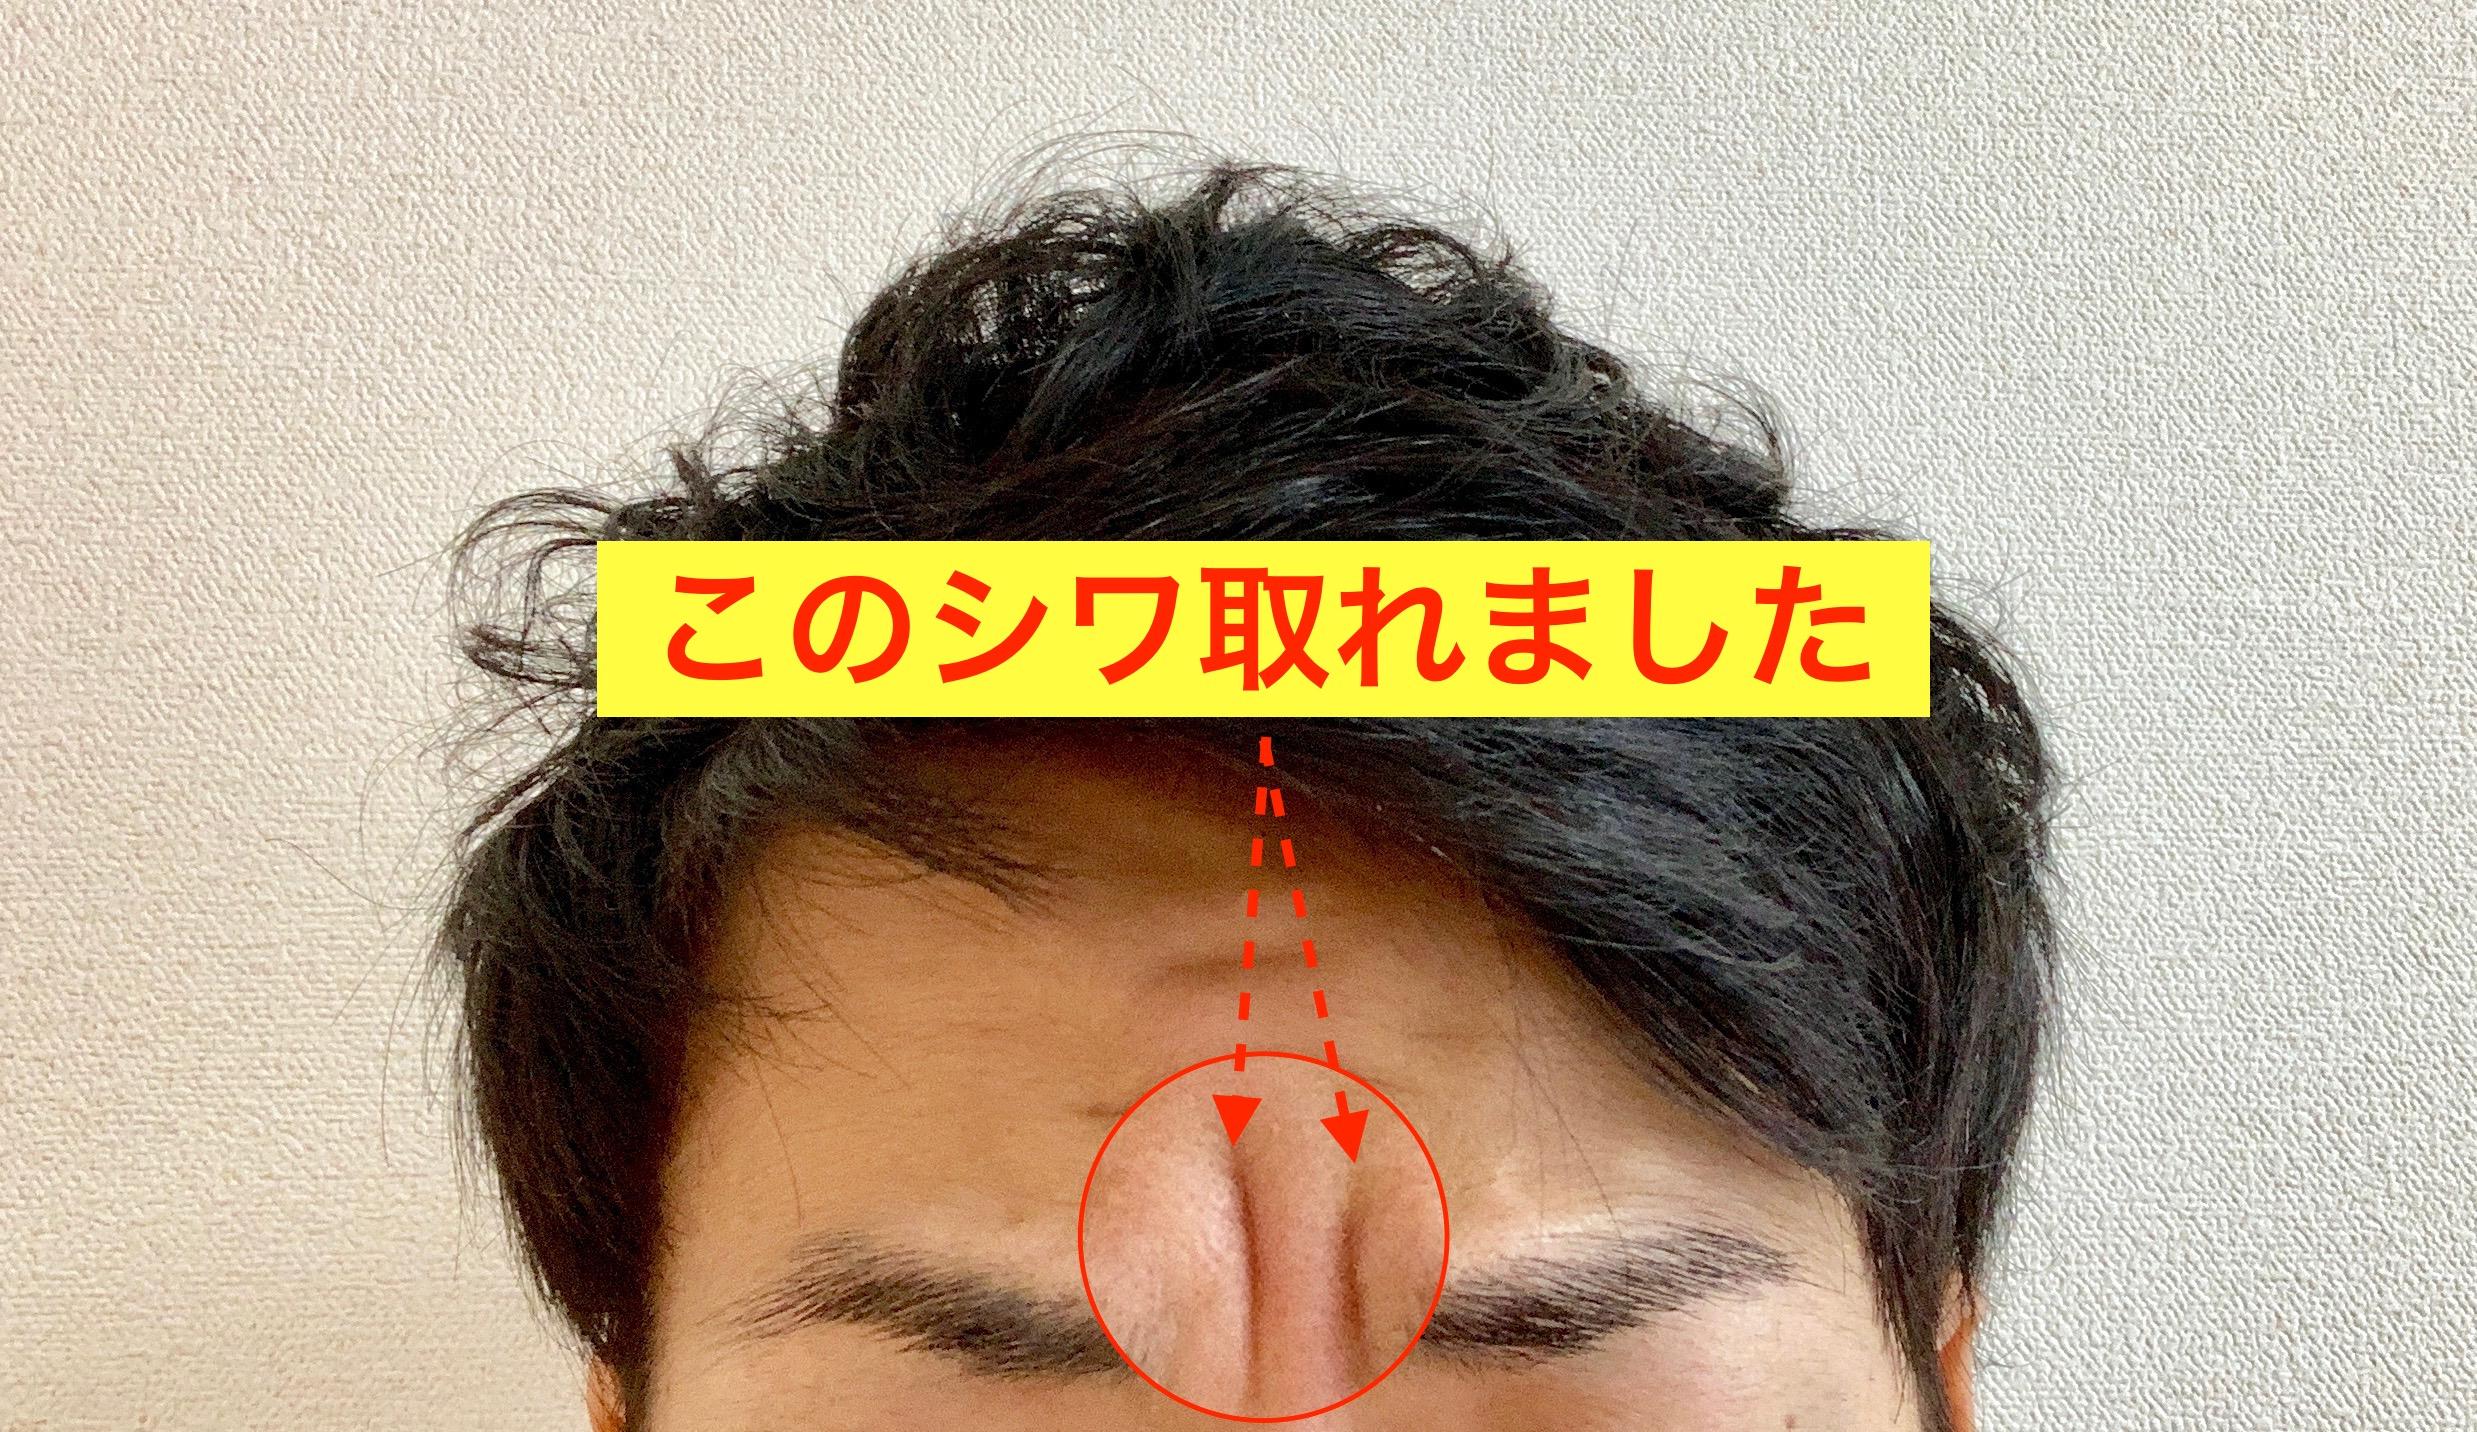 シワ 眉間 の